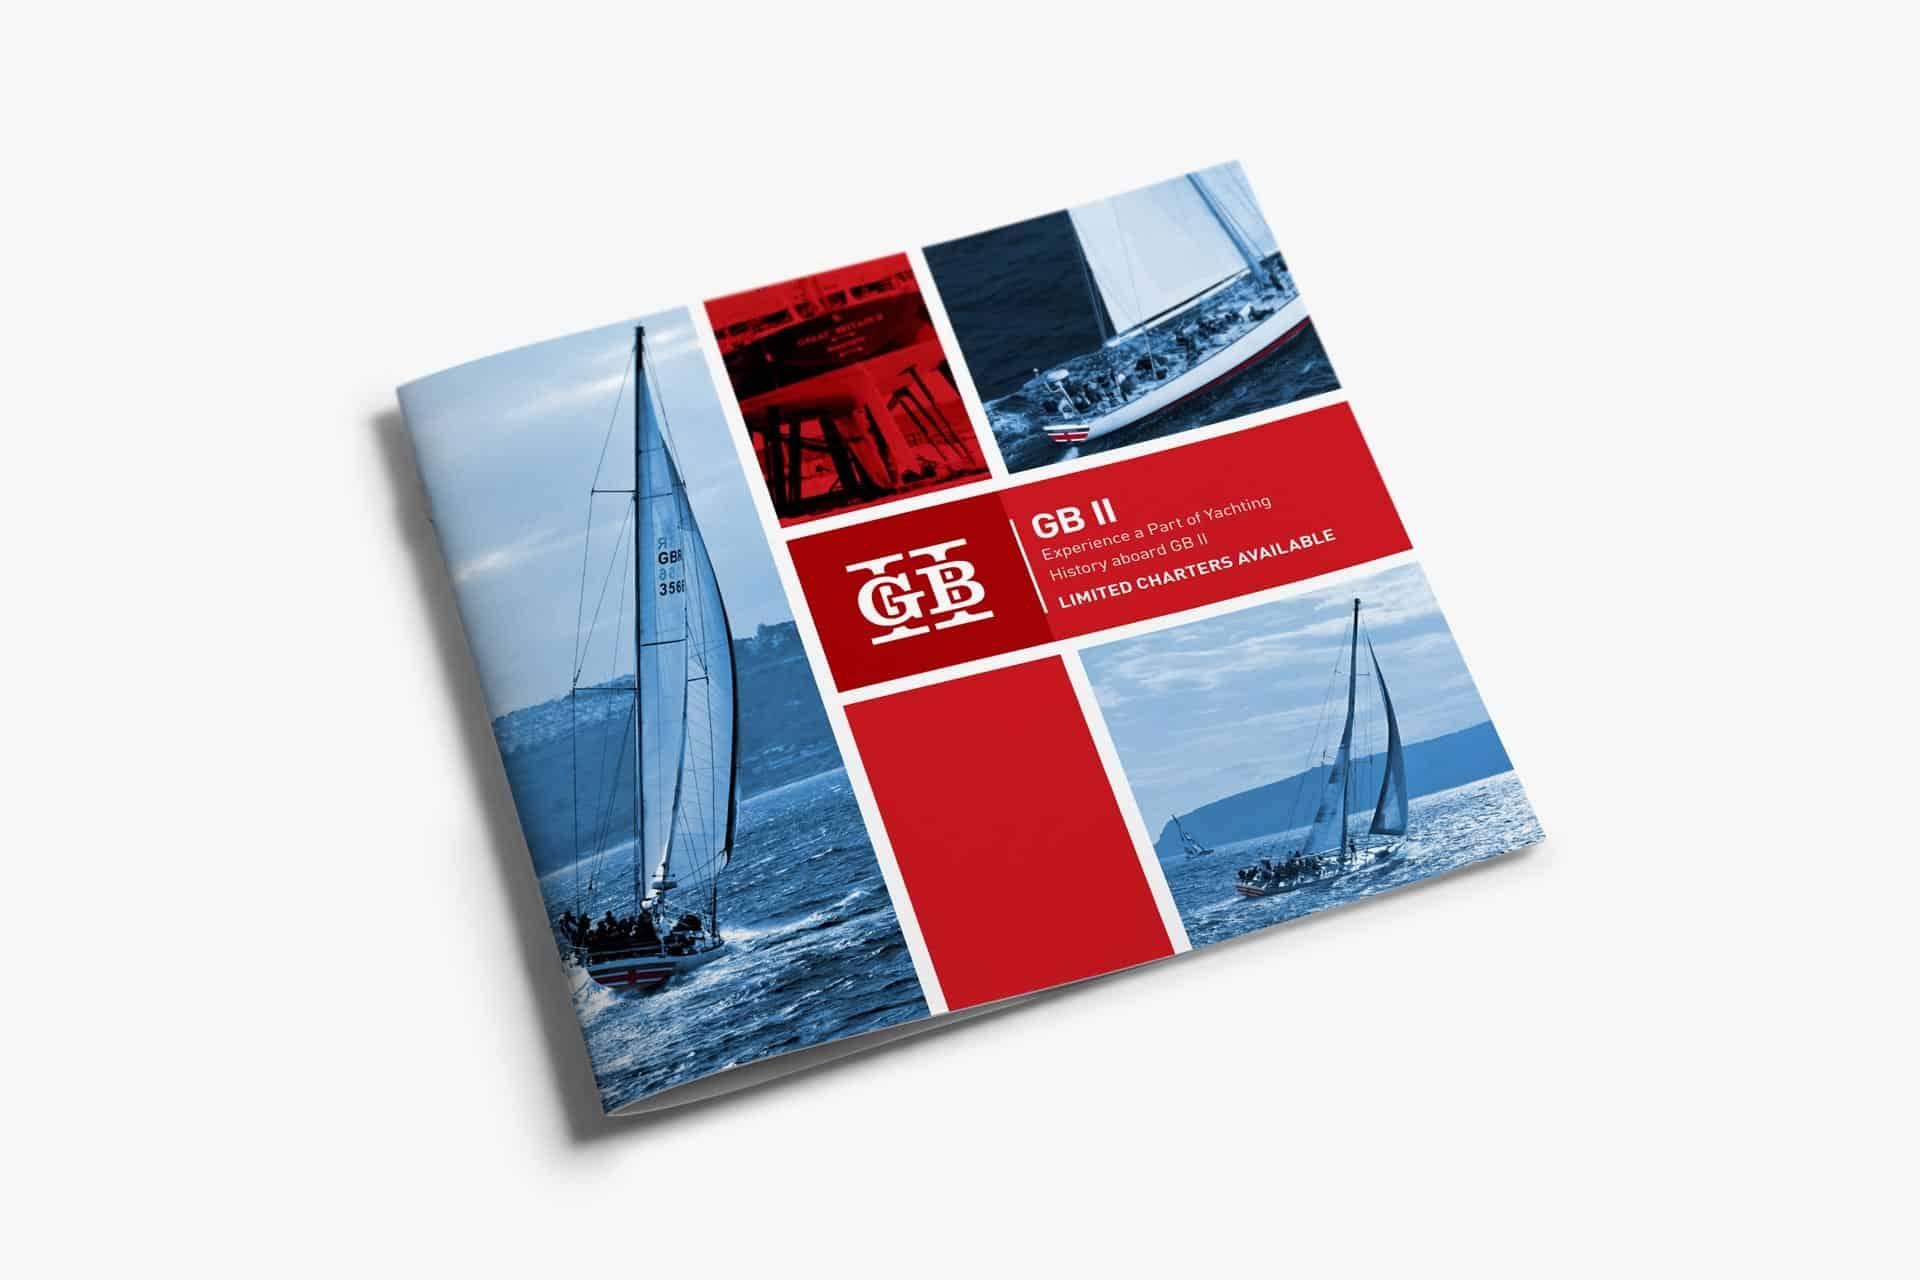 GBII-Brochure-design-front